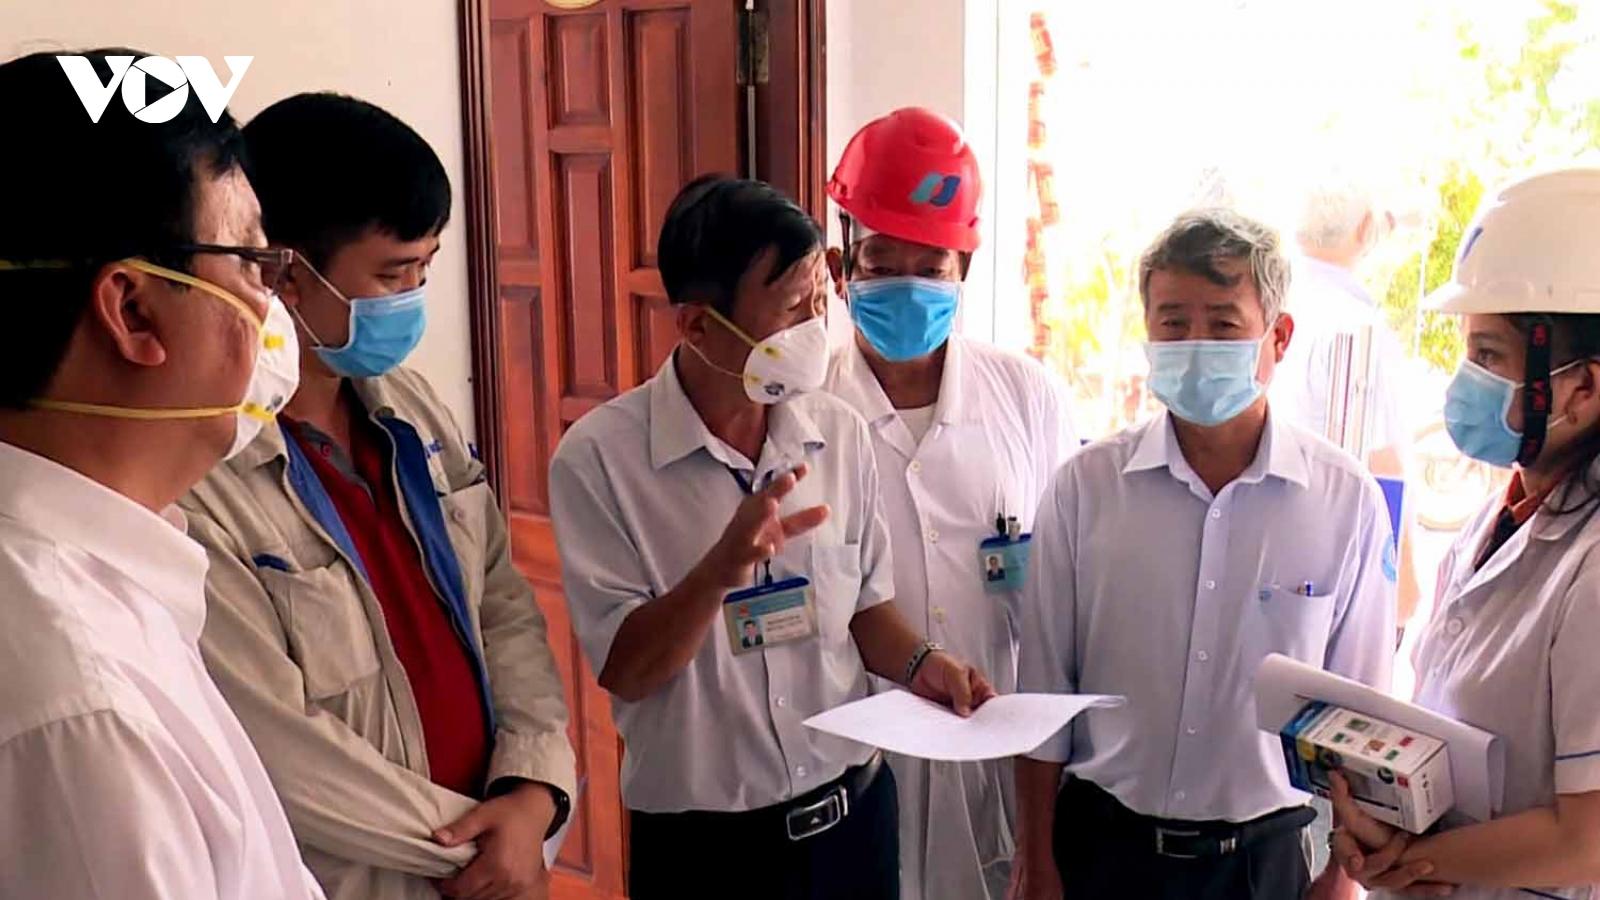 Bác sĩ Nguyễn Văn Lơ - gương sáng trong phòng chống dịch Covid-19